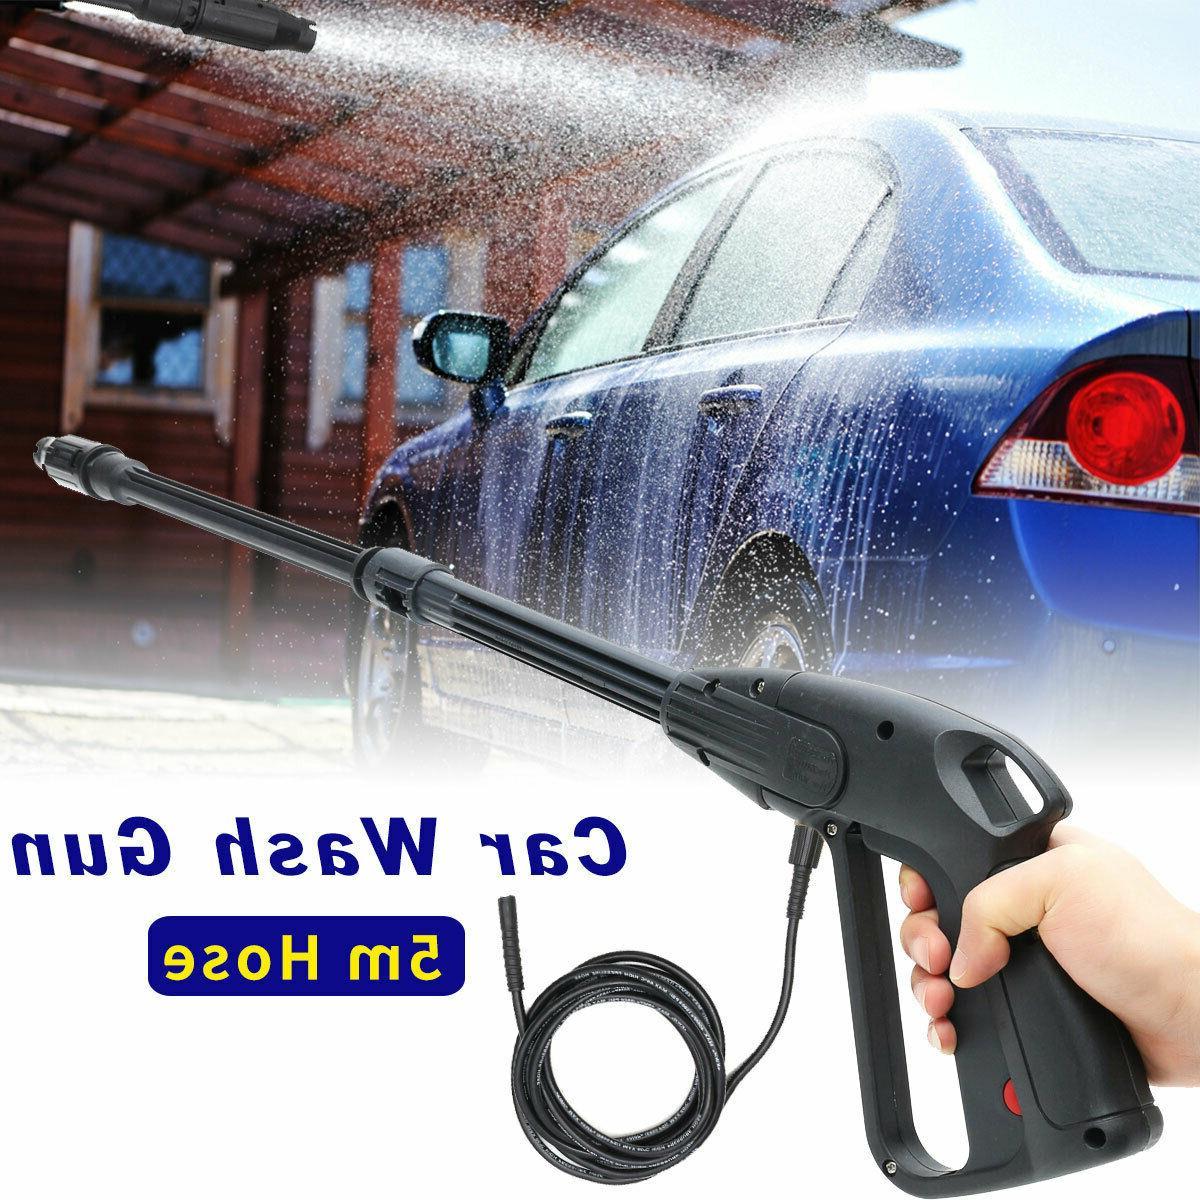 US High Pressure Lance Washer Spray Gun Adjustable Nozzle w/